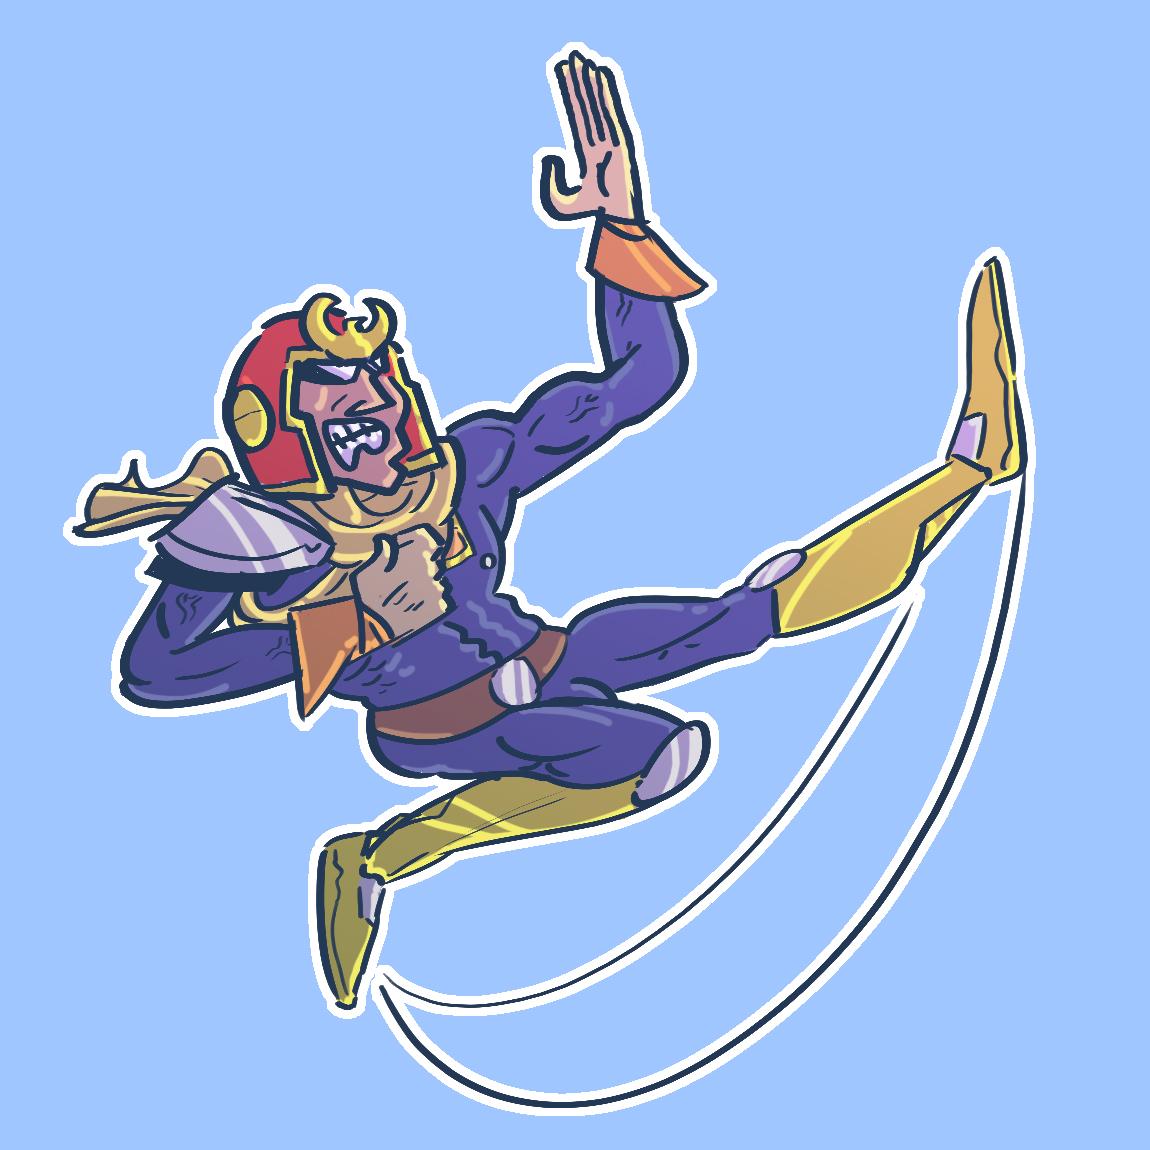 Captain Falcon - Neutral Air